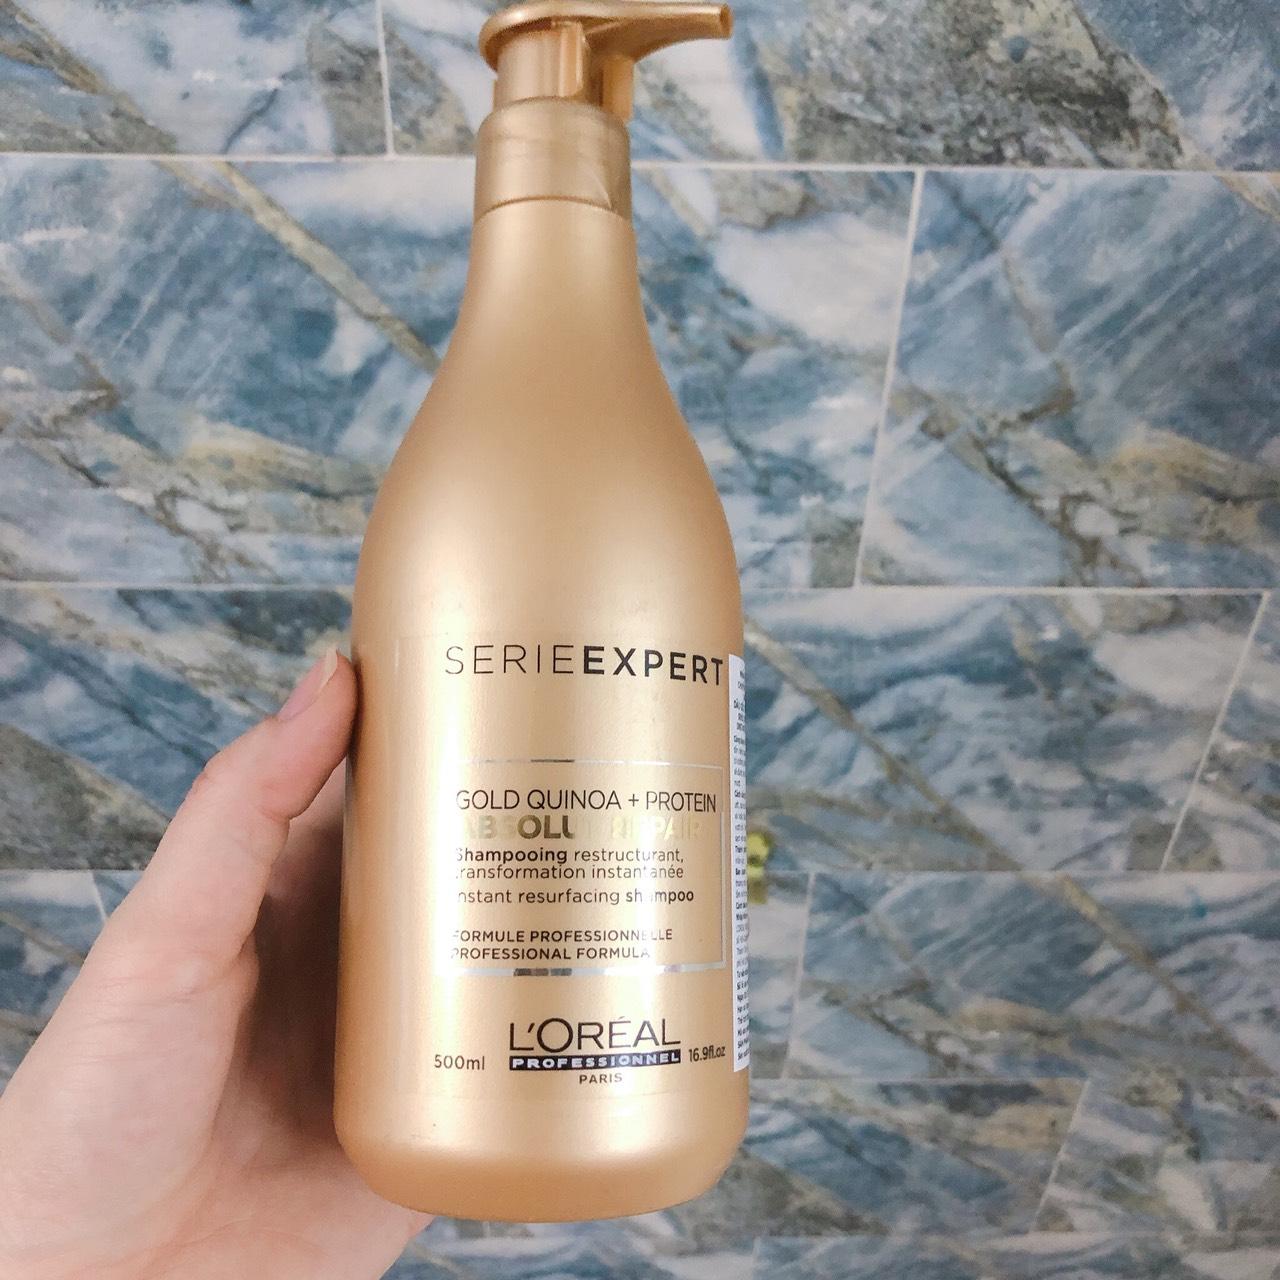 Dầu gội cho tóc hư tổn L'ORÉAL Serie Expert Gold Quinoa + Protein Absolut Repair Instant resurfacing shampoo 500ml - Chính hãng